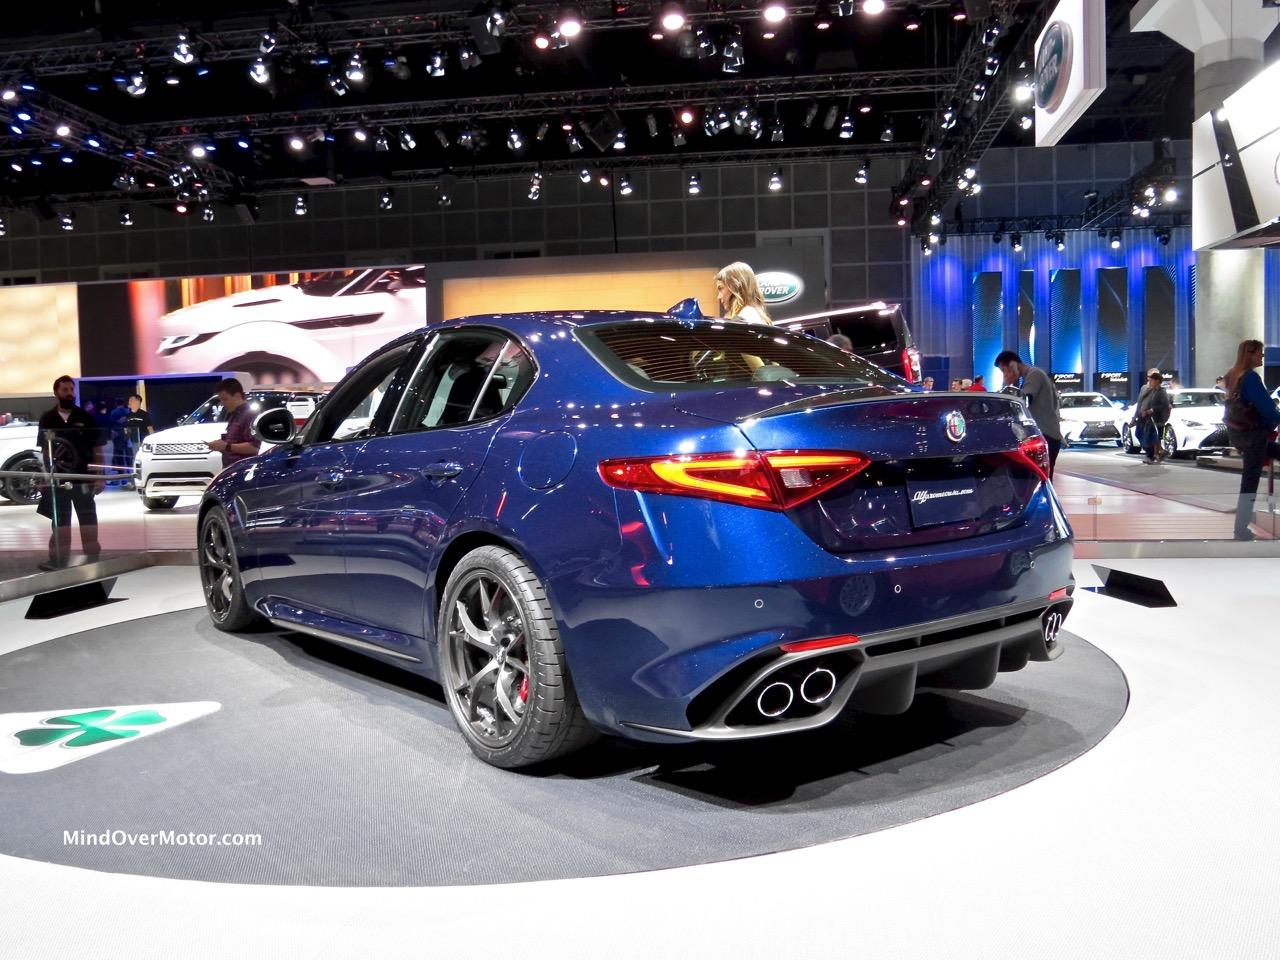 Alfa Romeo Giulia Rear Blue